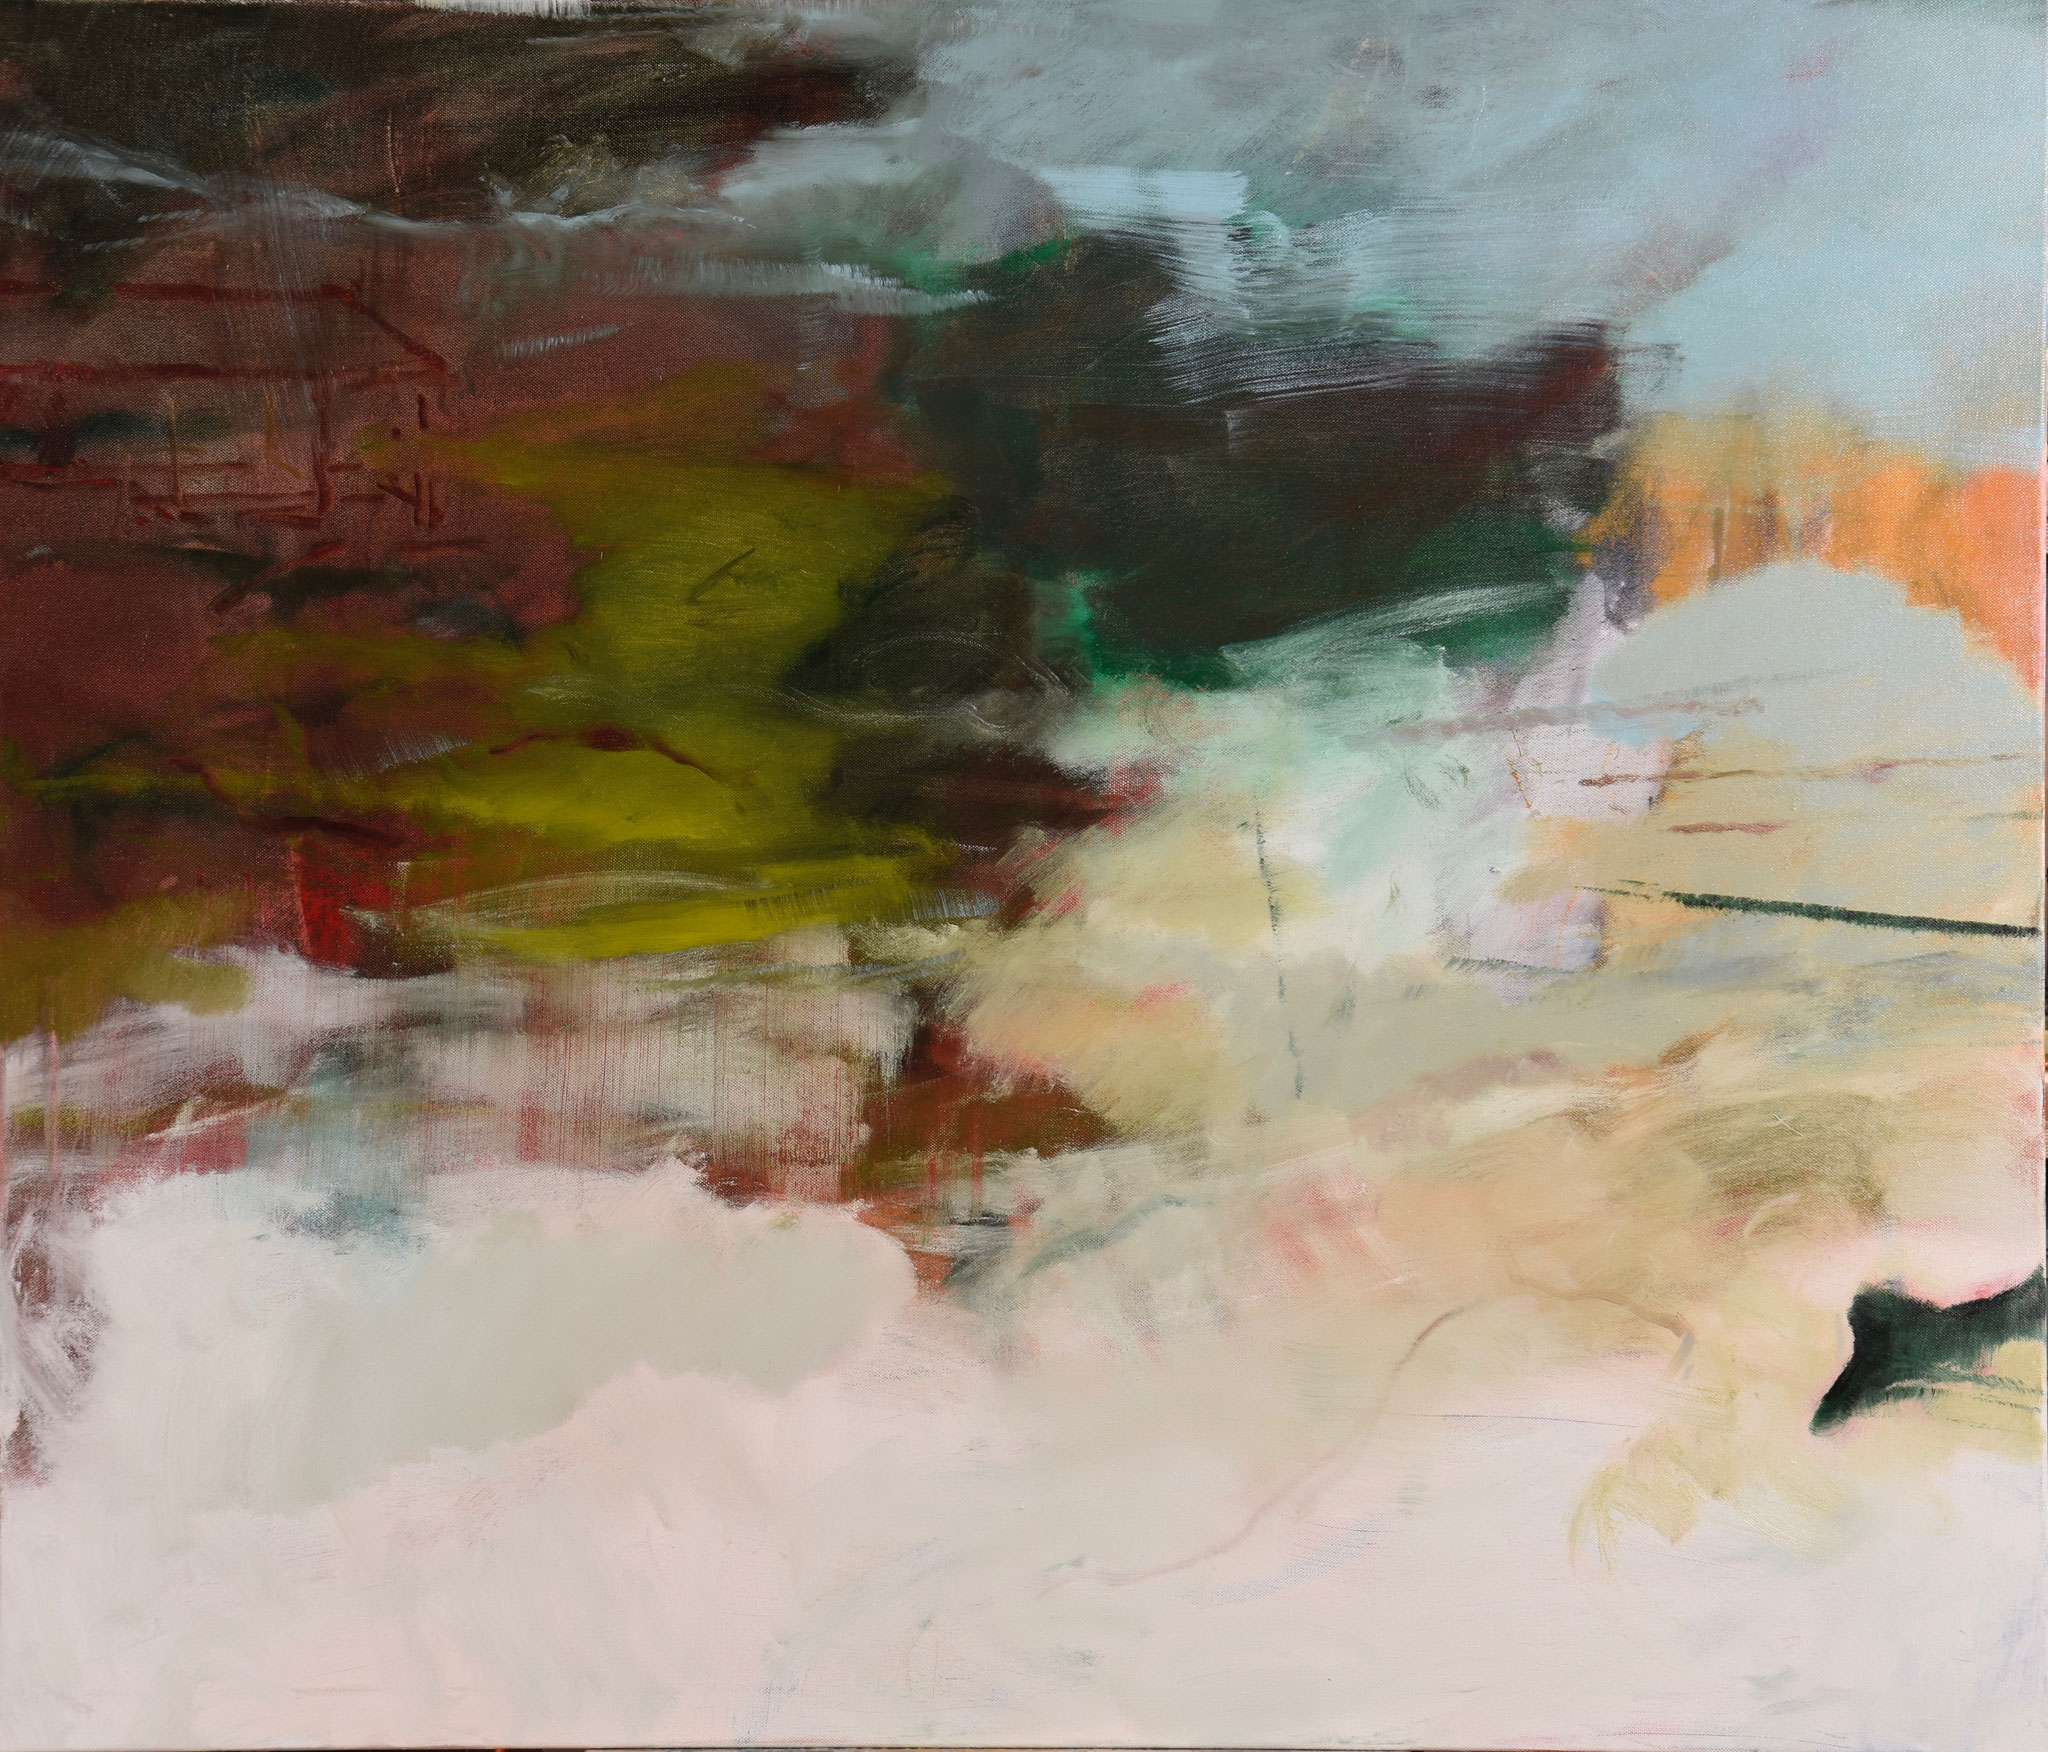 56  |  Landschaft  |  2018  |  Öl auf Leinwand  |  120 x140 cm